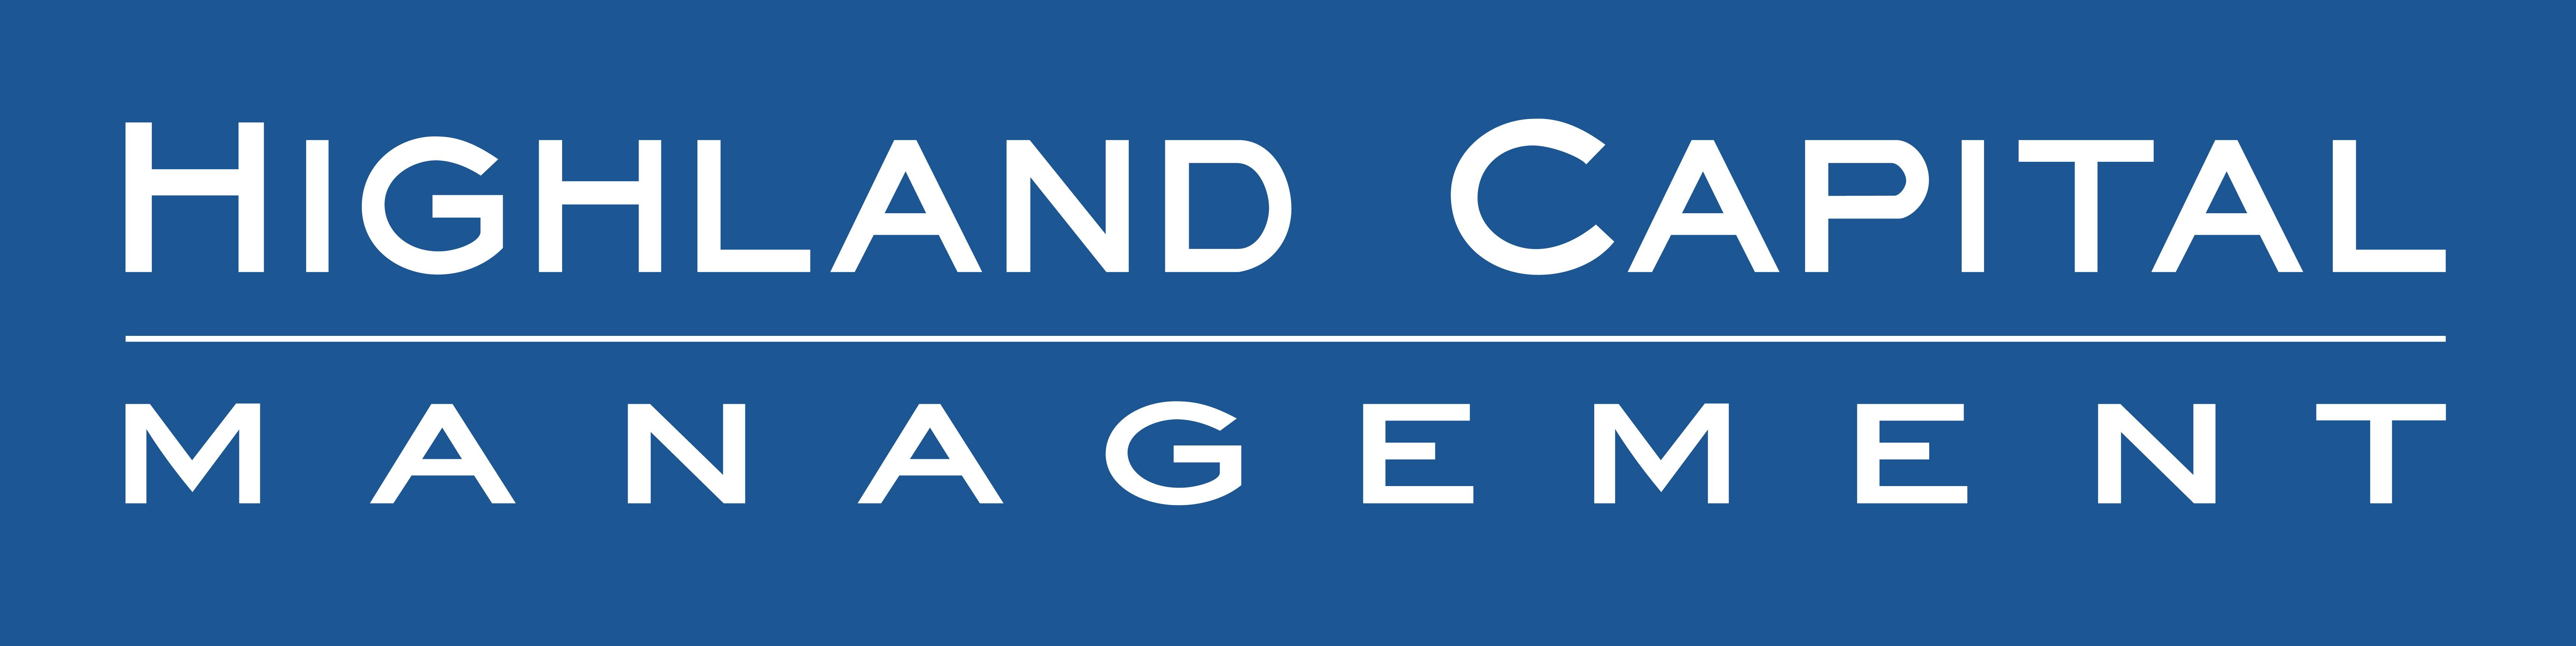 Highland Capital Management Logo 1200